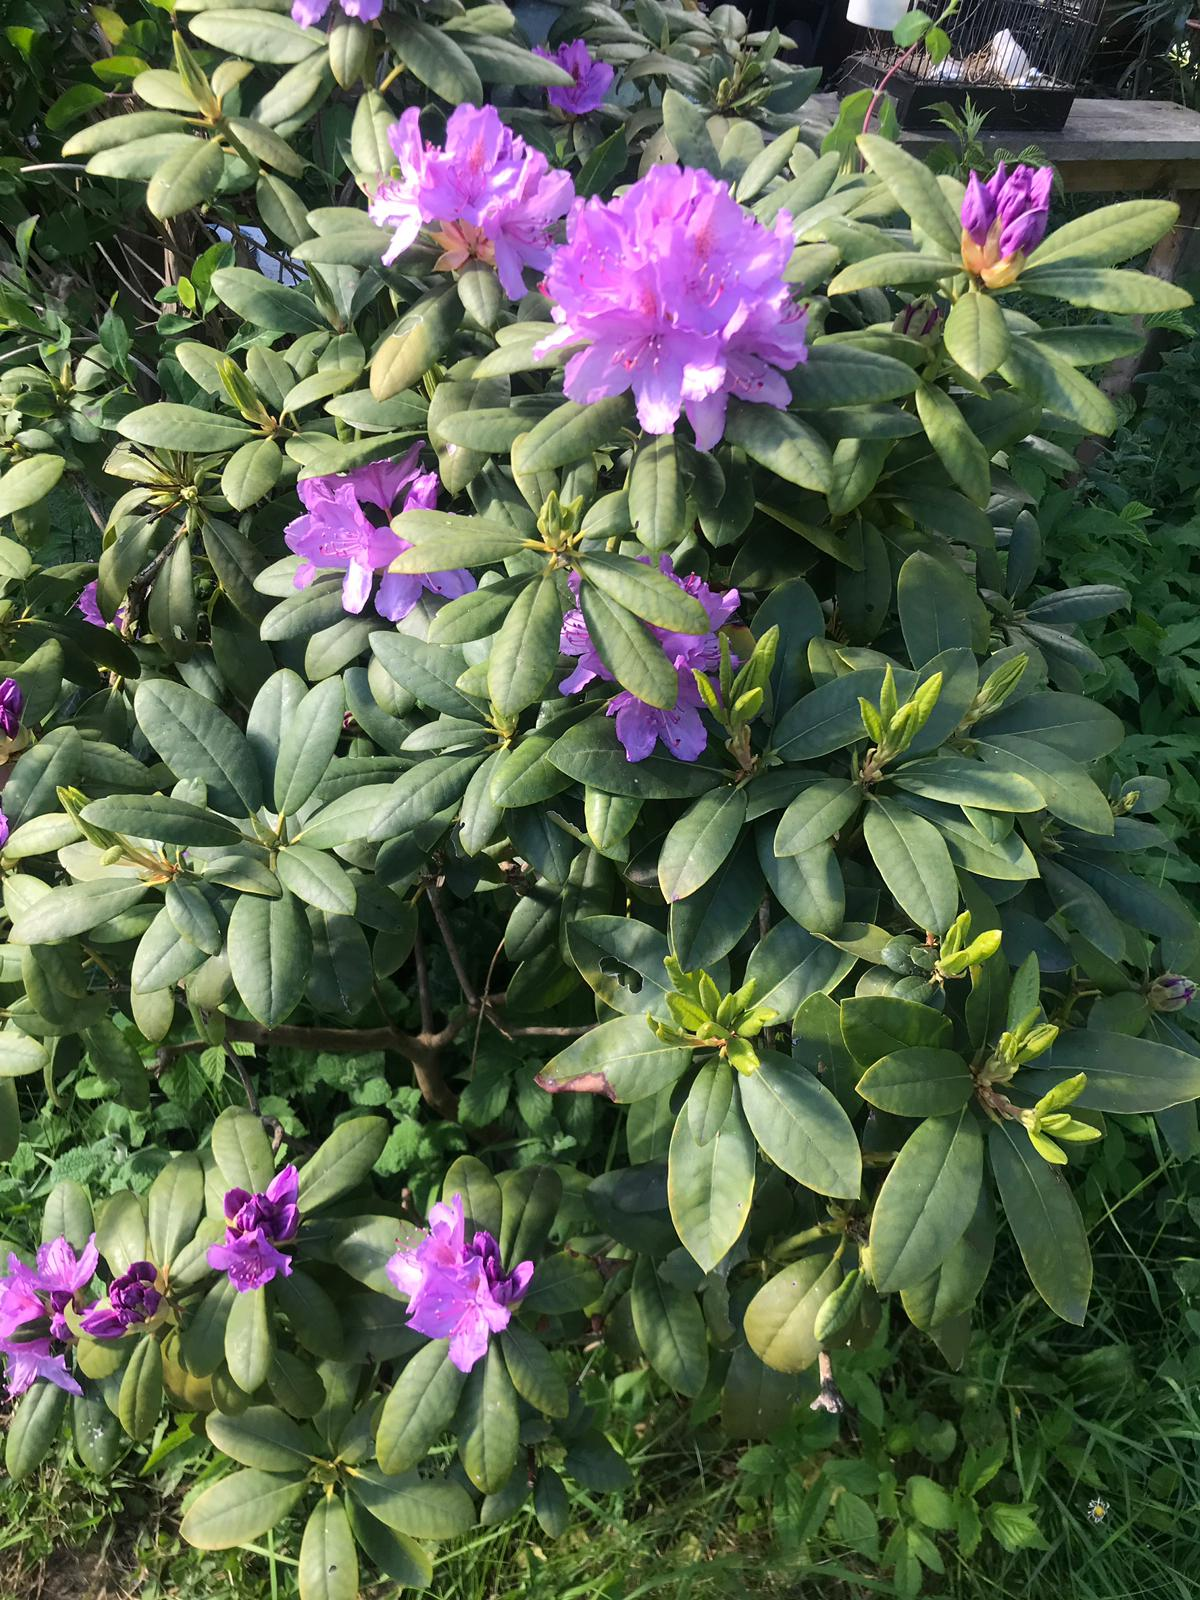 Geconfijte Rhododendron bloemen